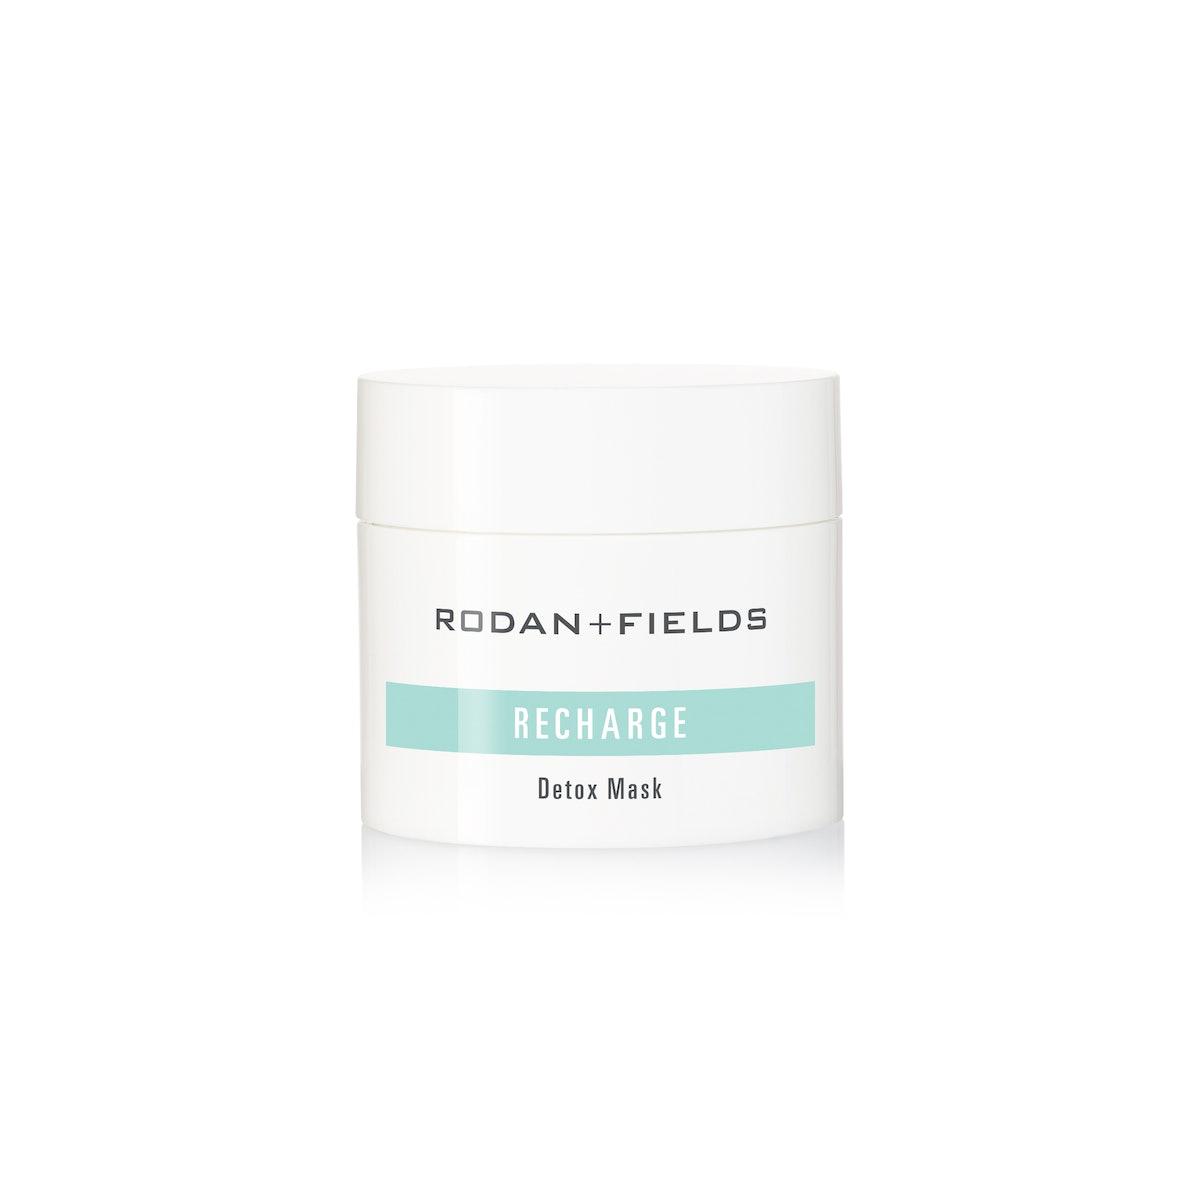 Rodan + Fields RECHARGE Detox Mask